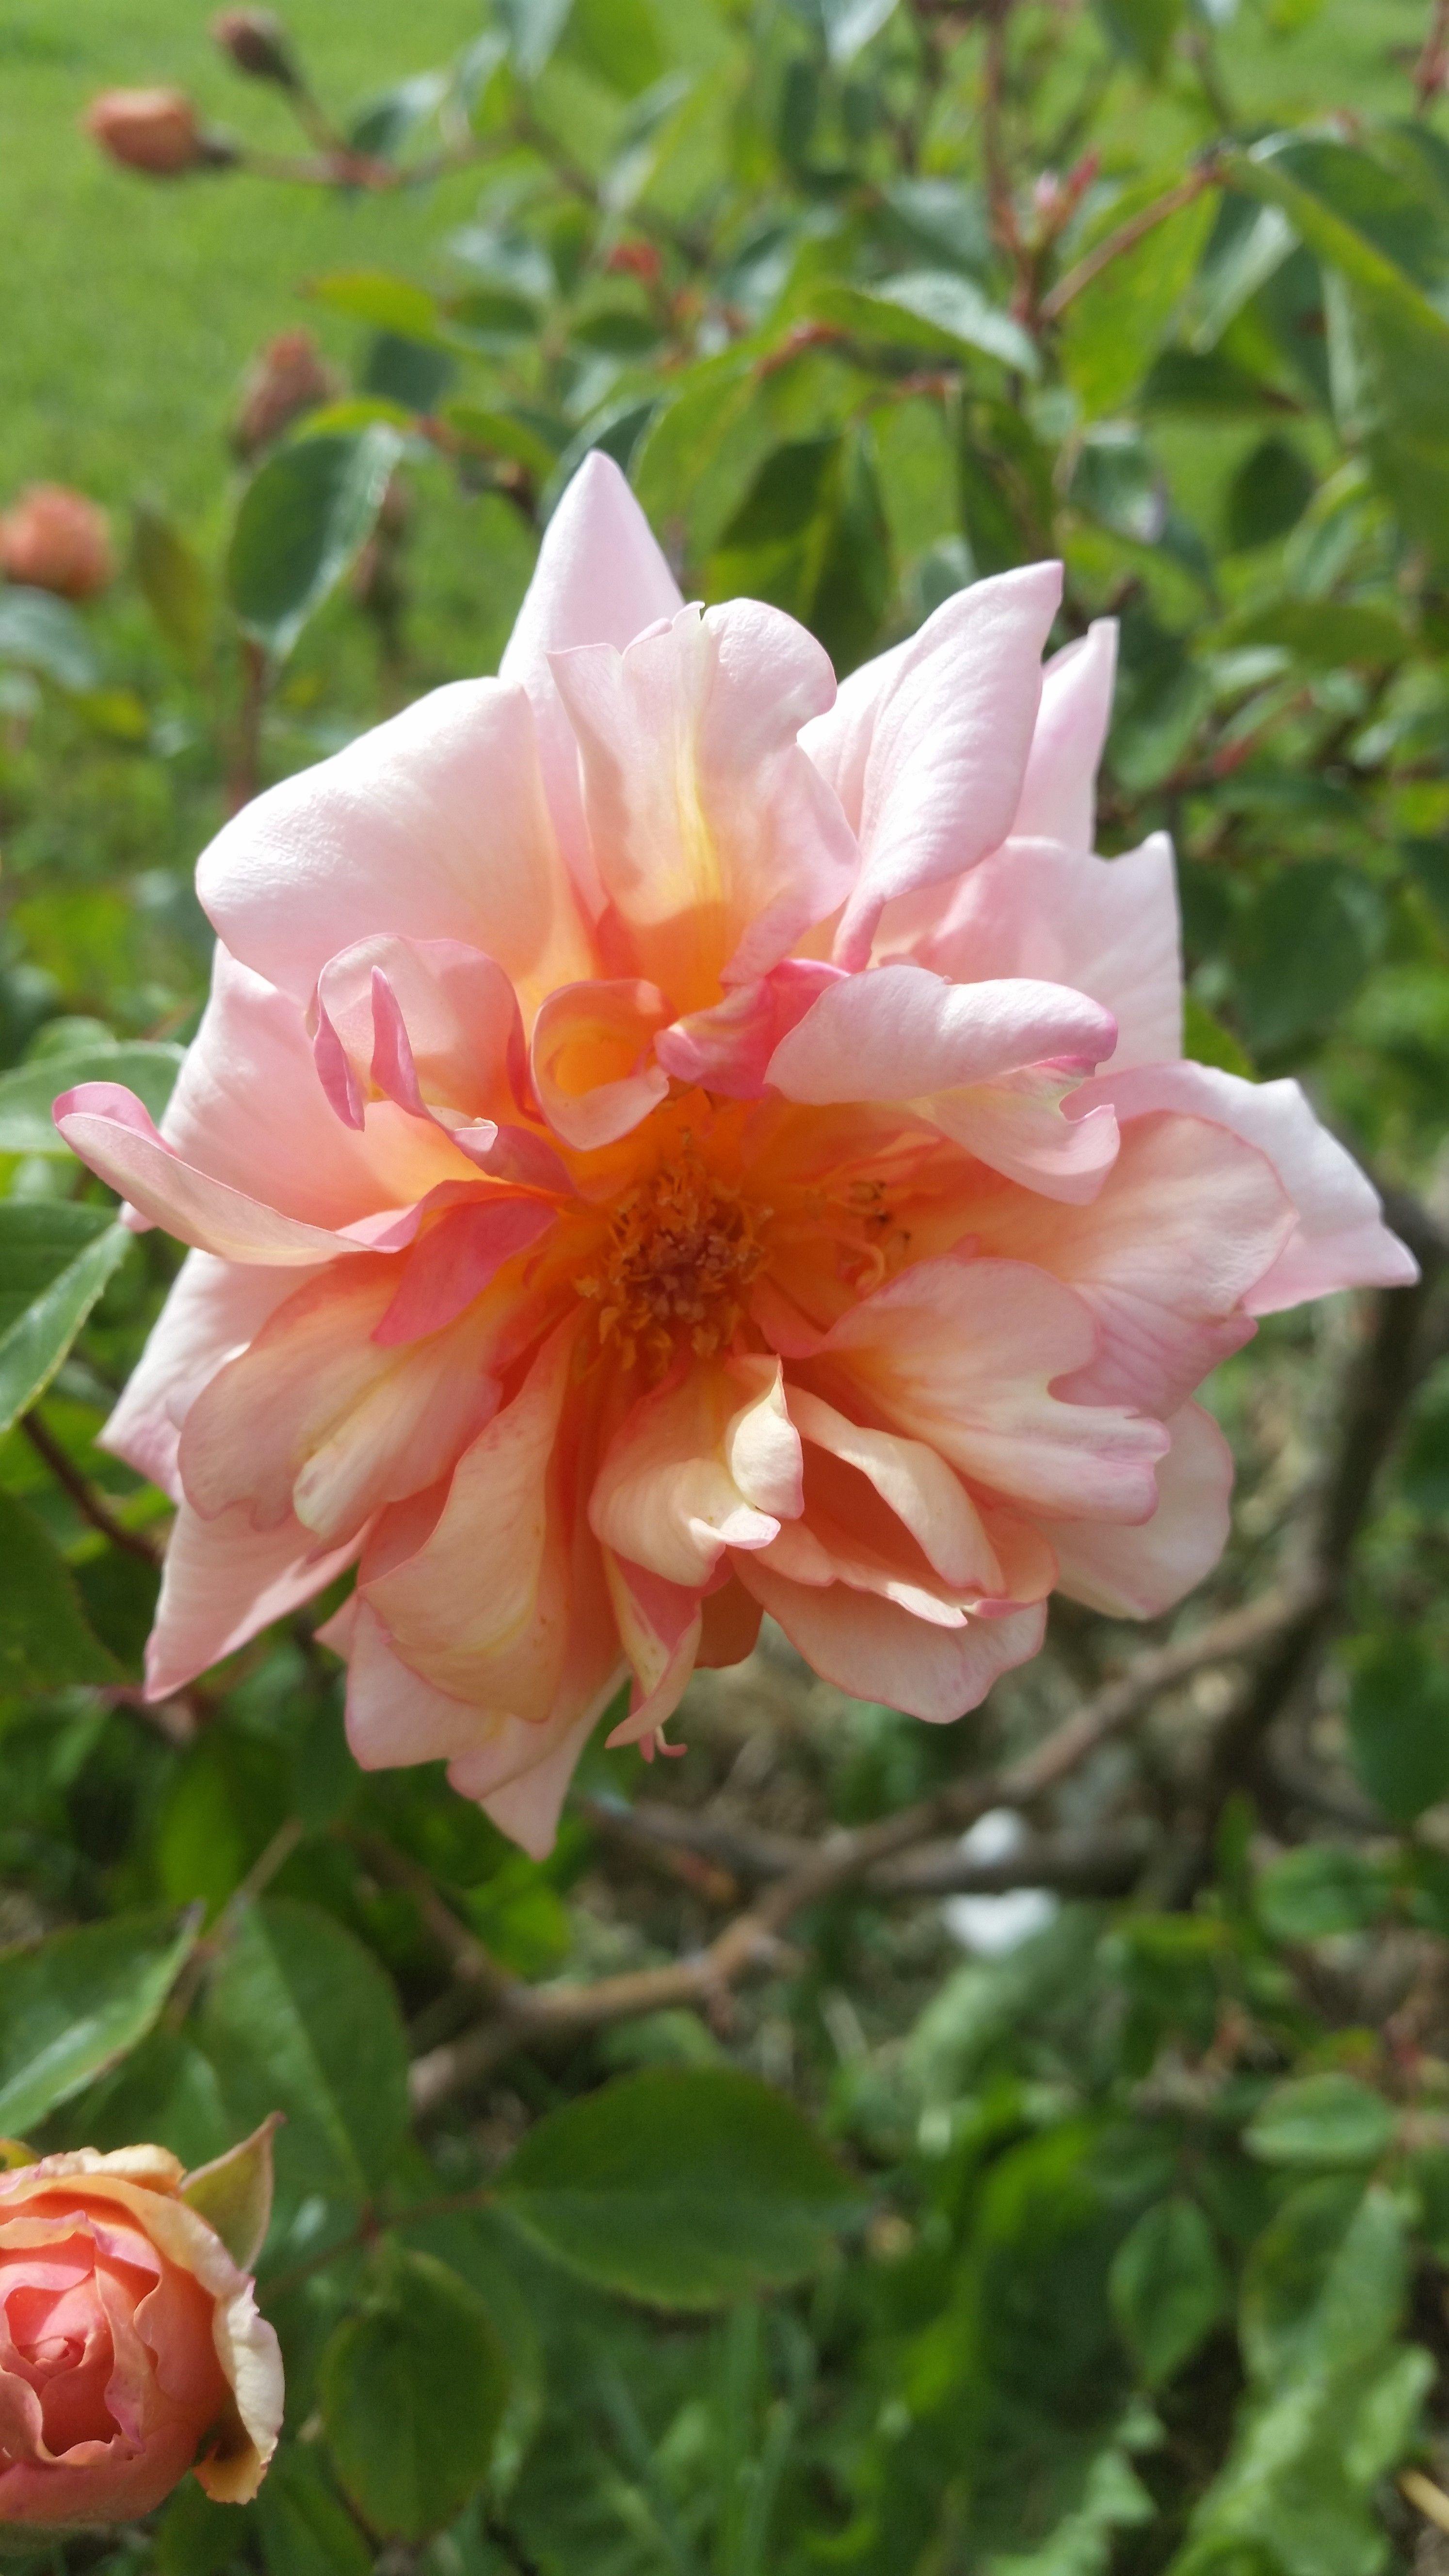 Tea Noisette Rose: Rosa 'Jean André' (France, 1893)